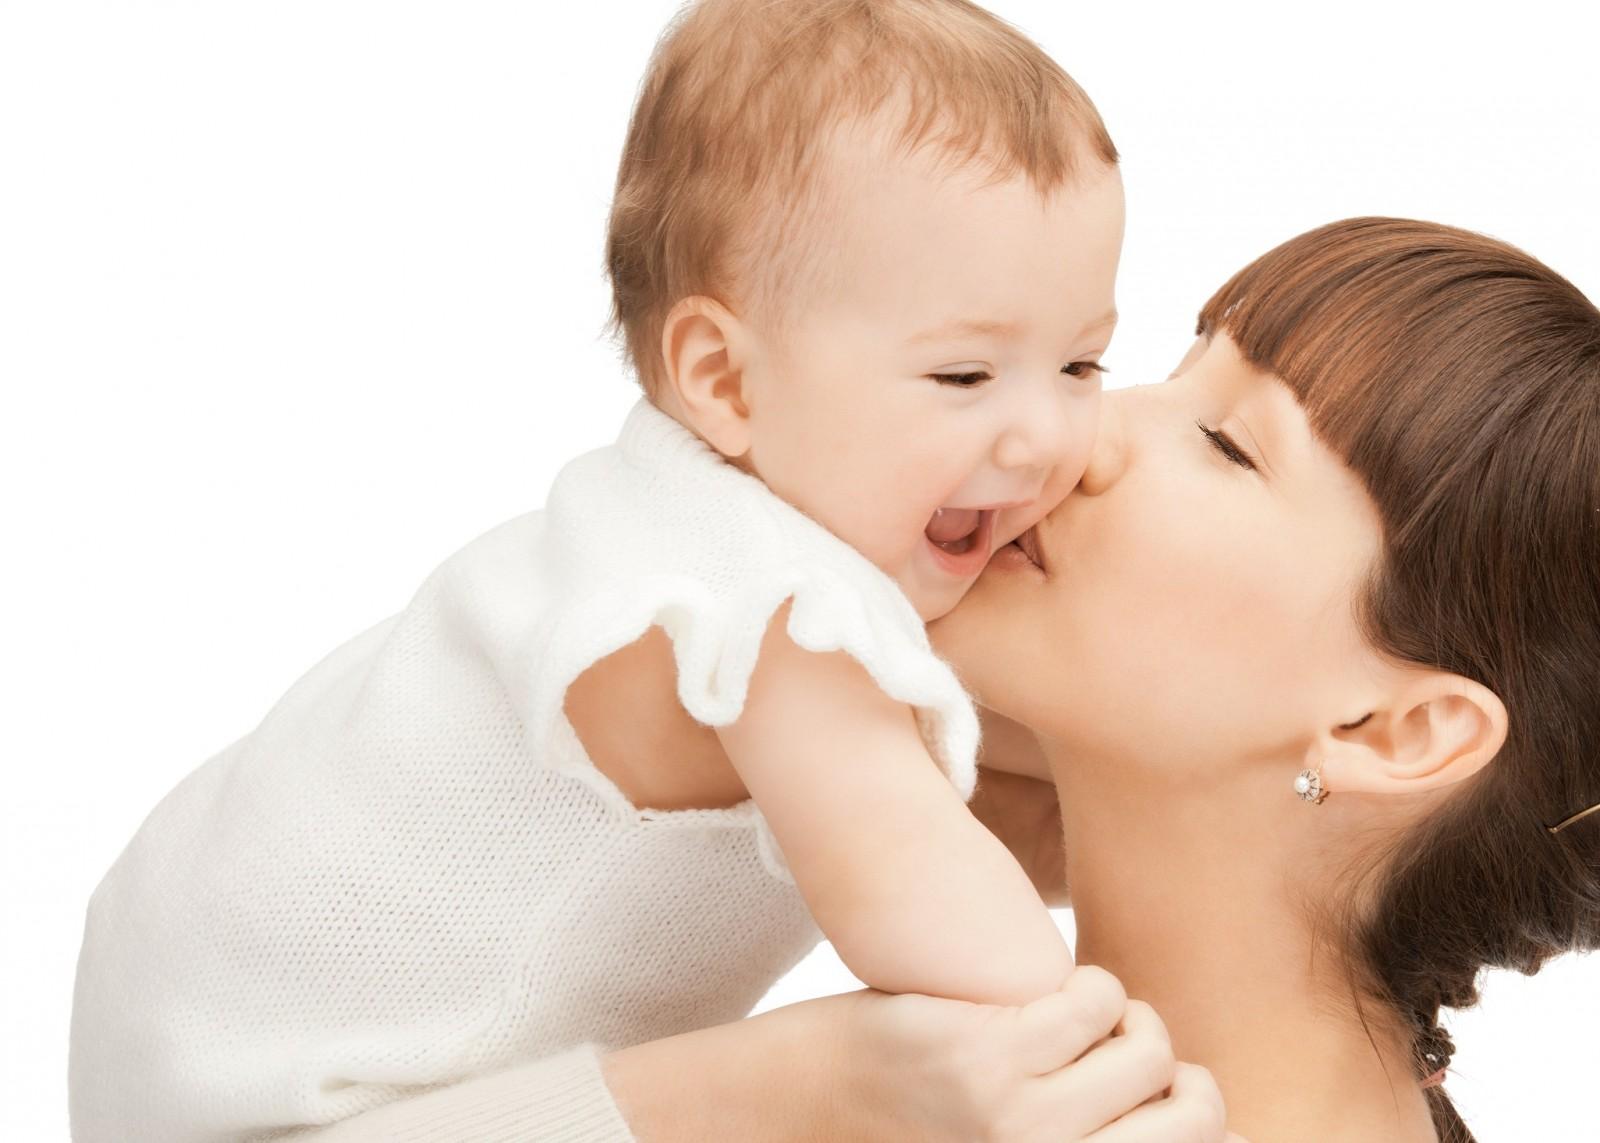 Немовля плаче, як зрозуміти причину дитячого плачу?